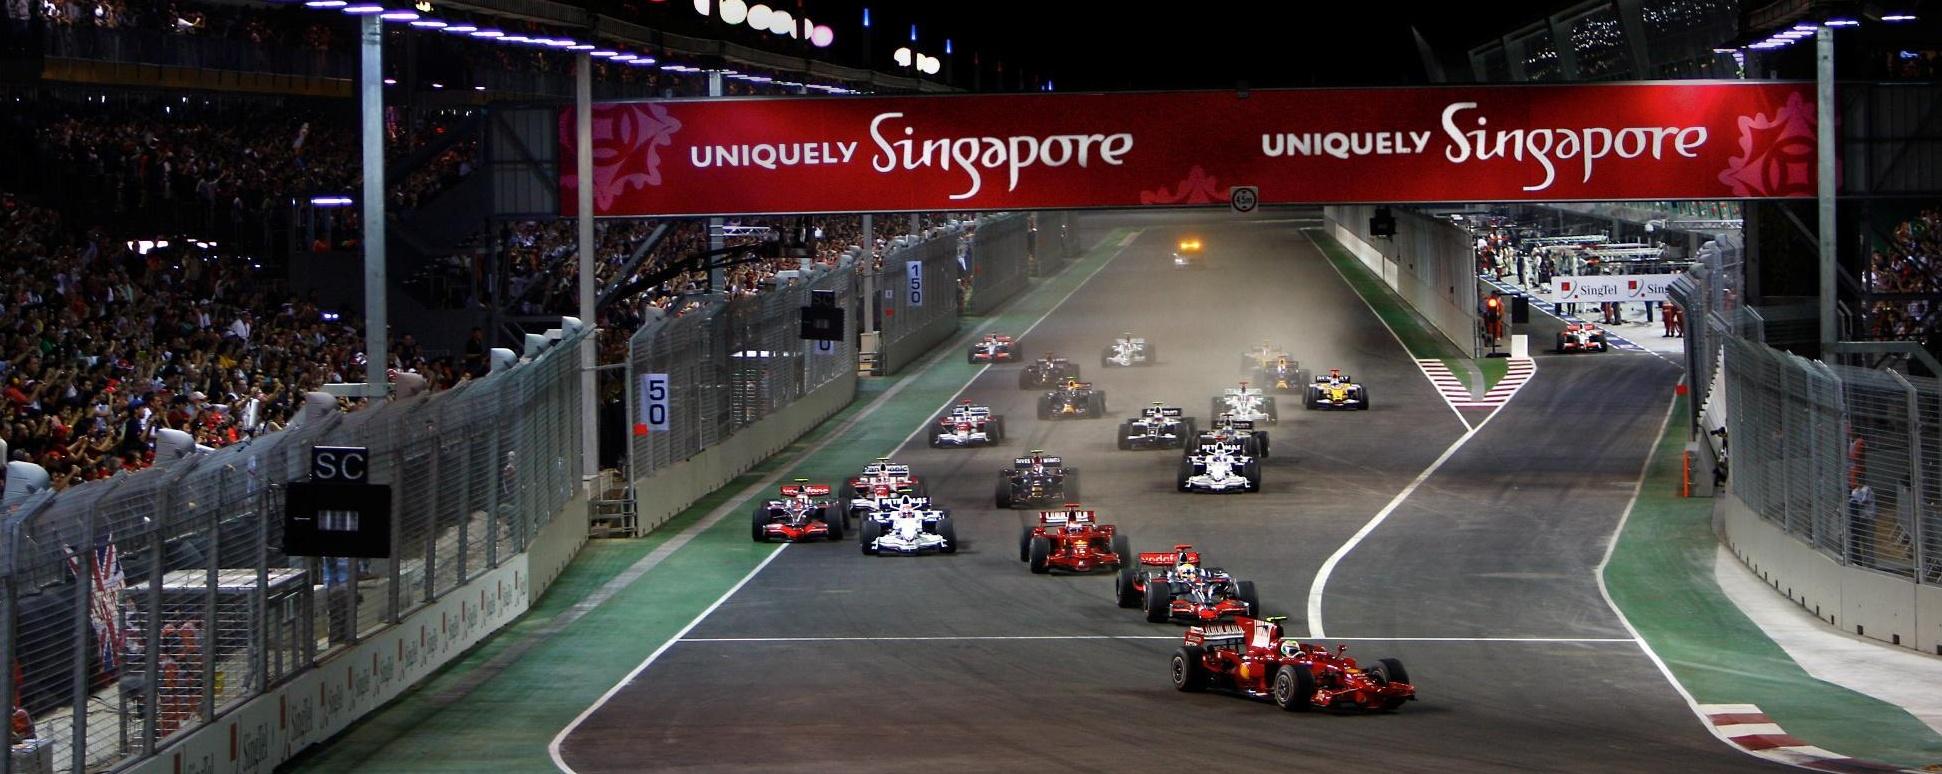 2015 FORMULA 1 SINGAPORE GRAND PRIX